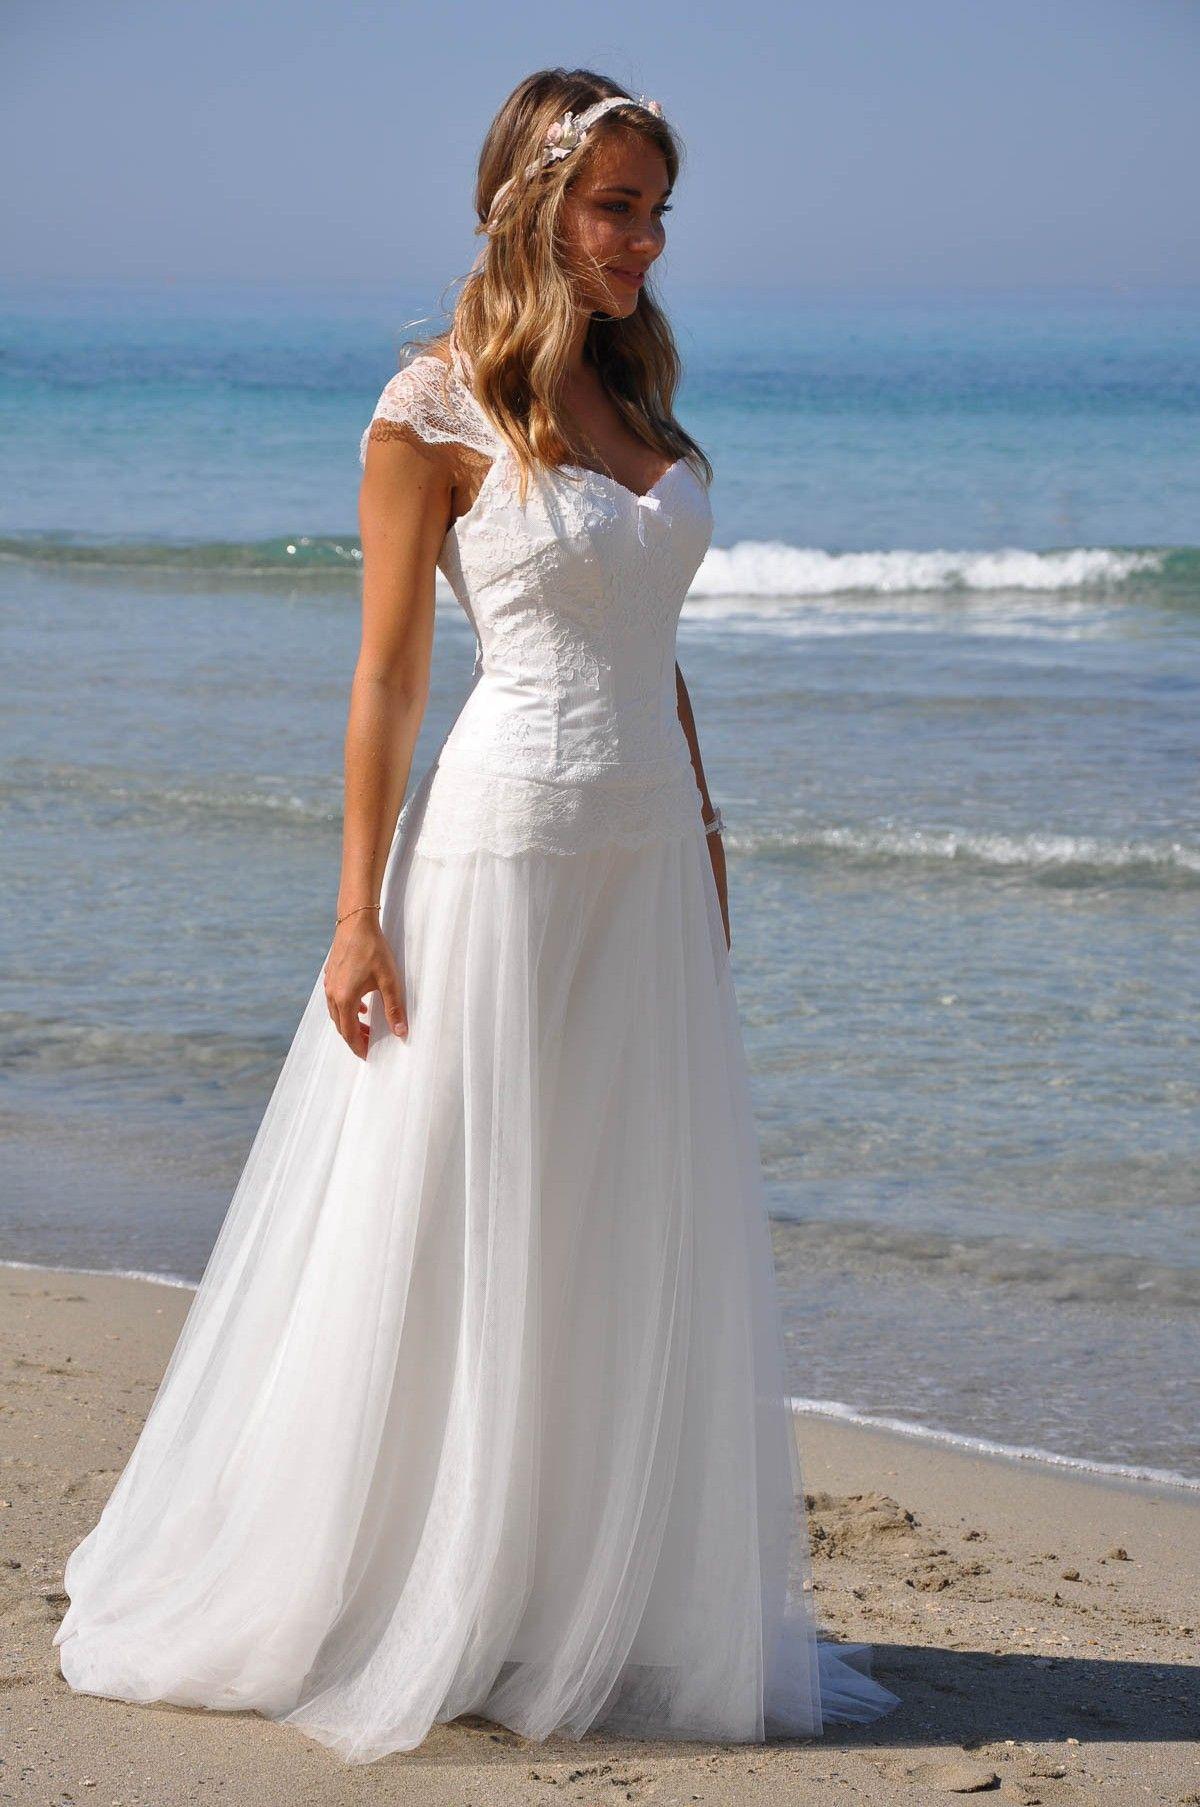 Robe De Mariée Champêtre En Dentelle Robe Mariee Boheme Robe De Mariee Champetre Robe De Mariée Romantique